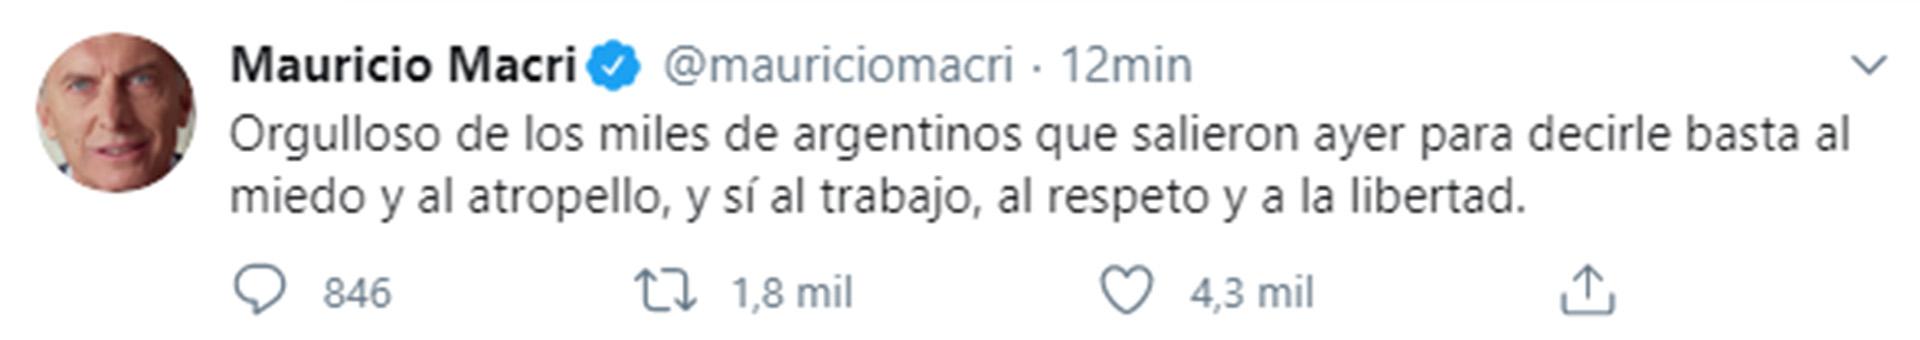 Mauricio Macri respaldó la masiva movilización y banderazo contra Alberto Fernández que ocurrió el 17 de agosto